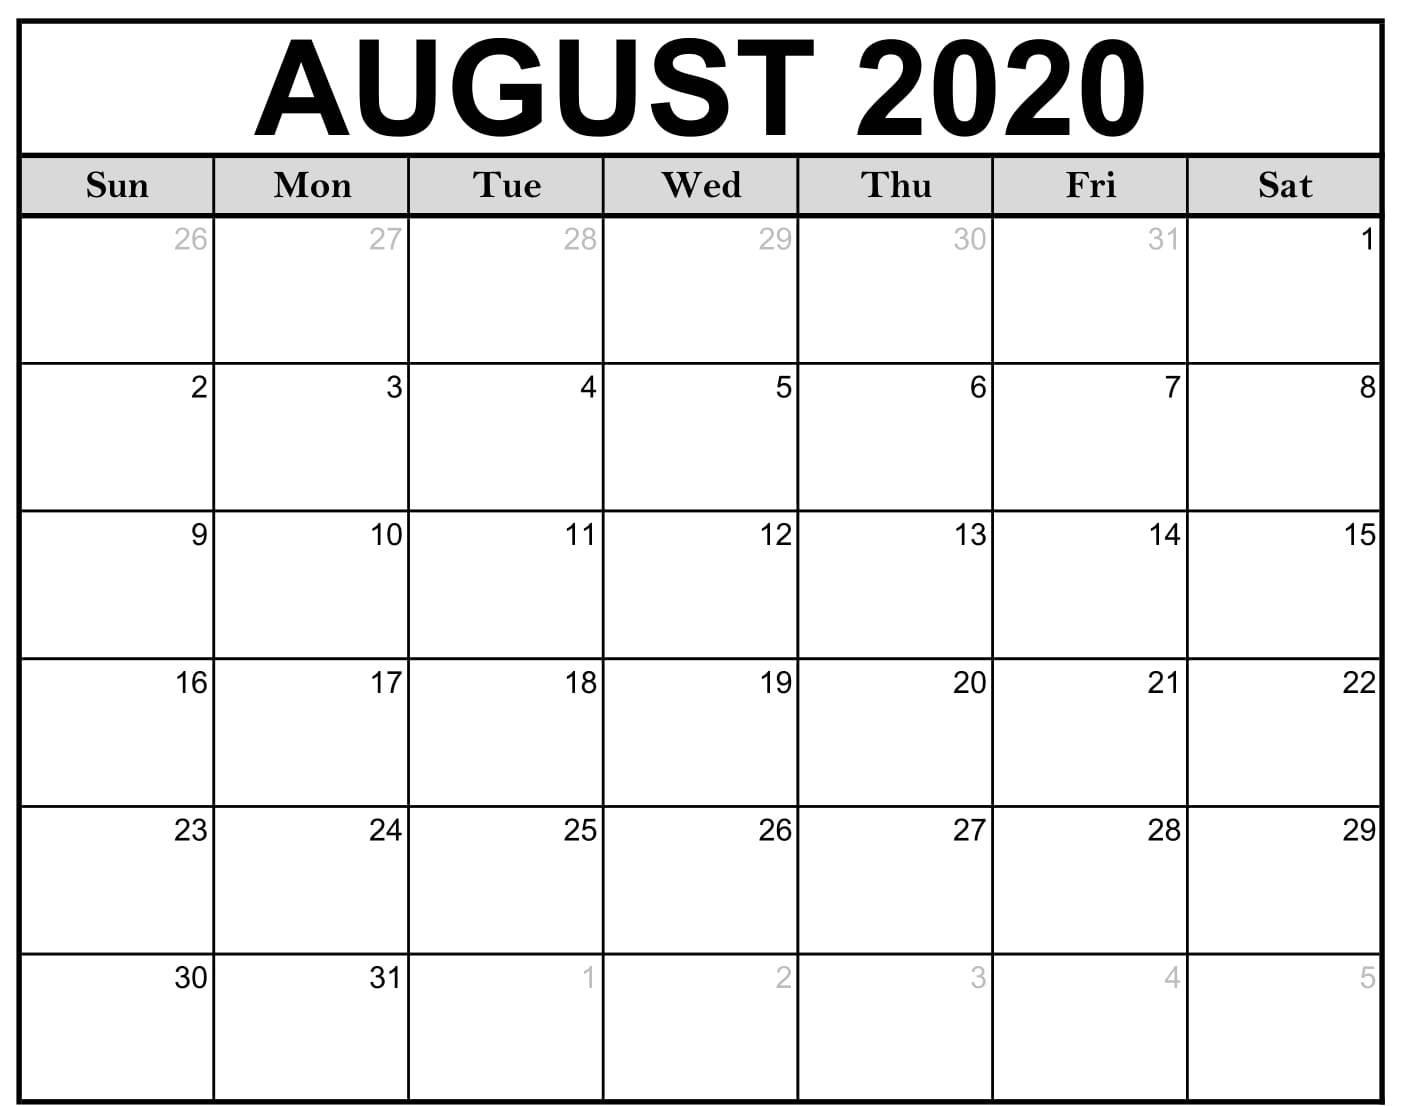 Fillable August 2020 Calendar Template